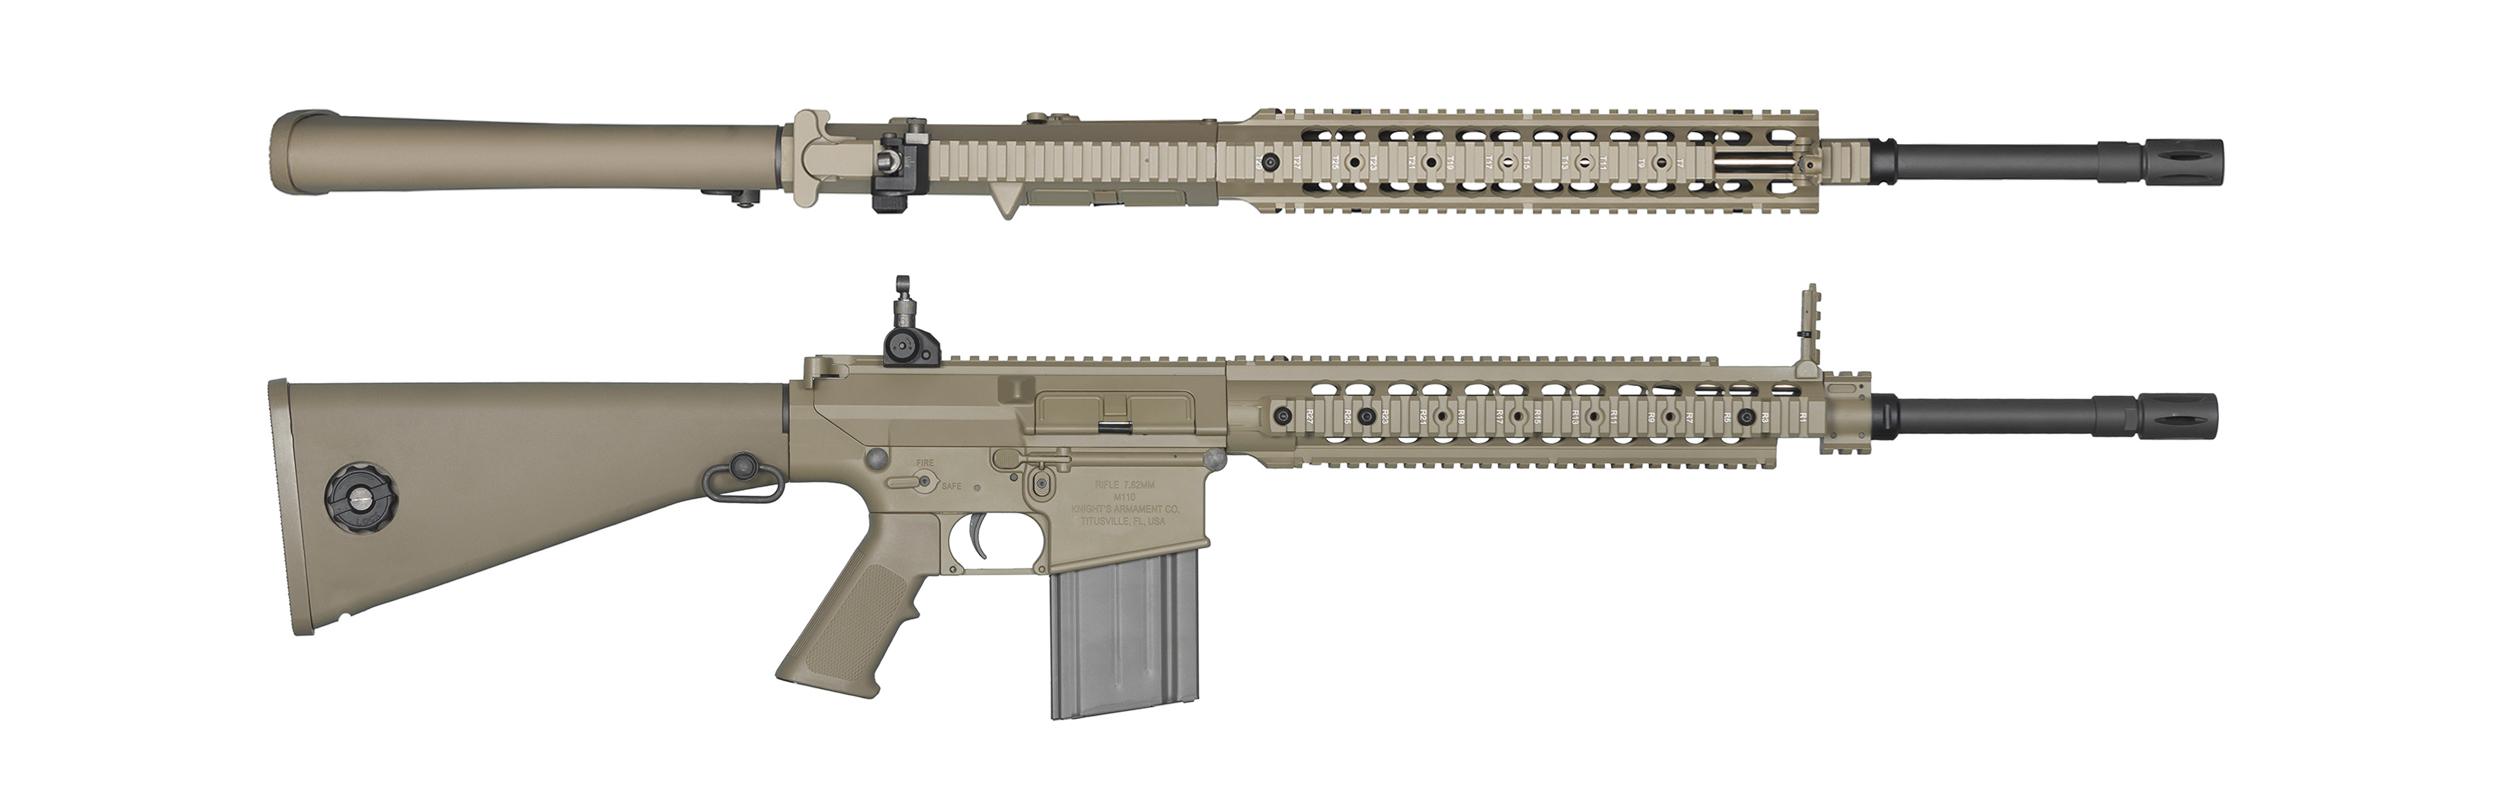 M110SASS-DE_long.jpg